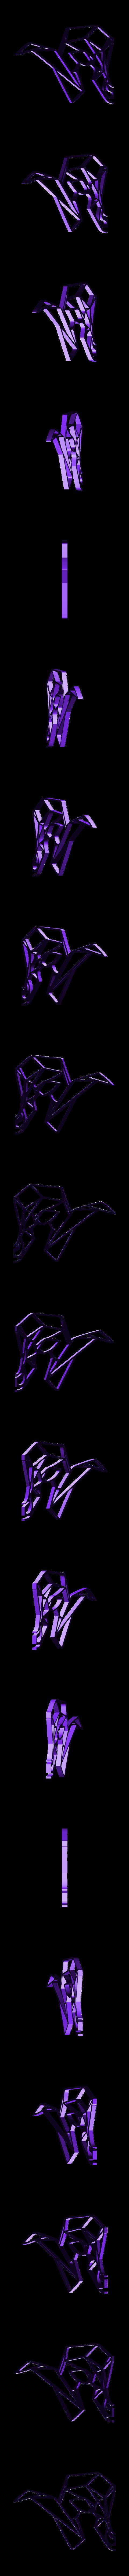 he-goat 3.stl Download STL file Goat Wall Sculpture 2D • 3D printer object, UnpredictableLab